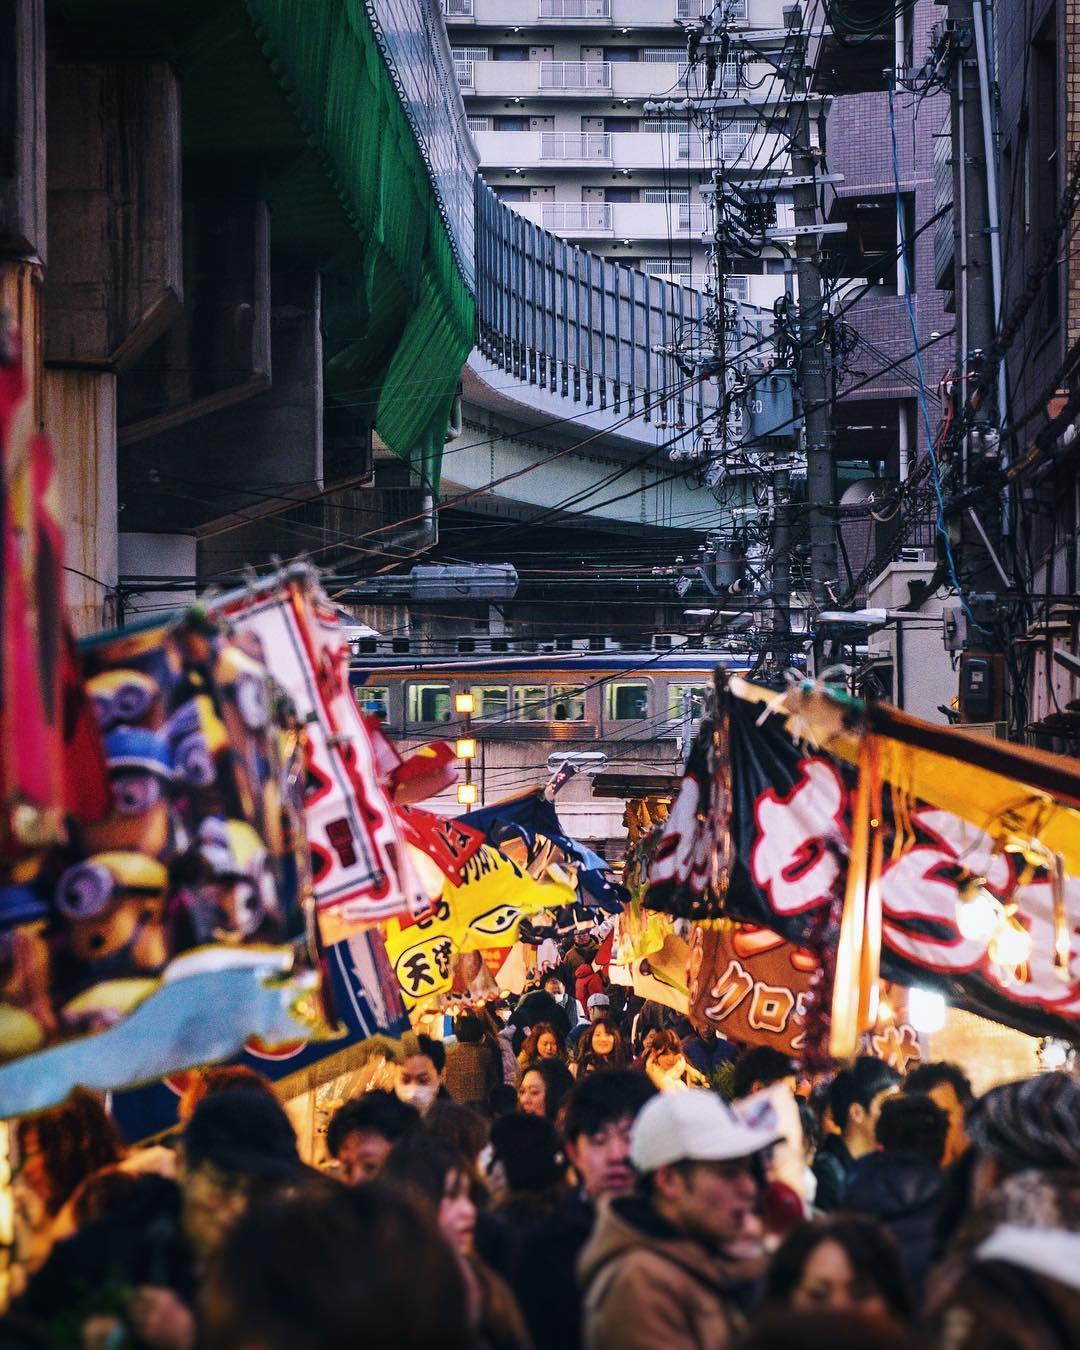 Quand les vendeurs ambulants se compressent dans les recoins vides de la ville  #osaka #osakasafari #japonsafari #fujifilm #tokaebisu